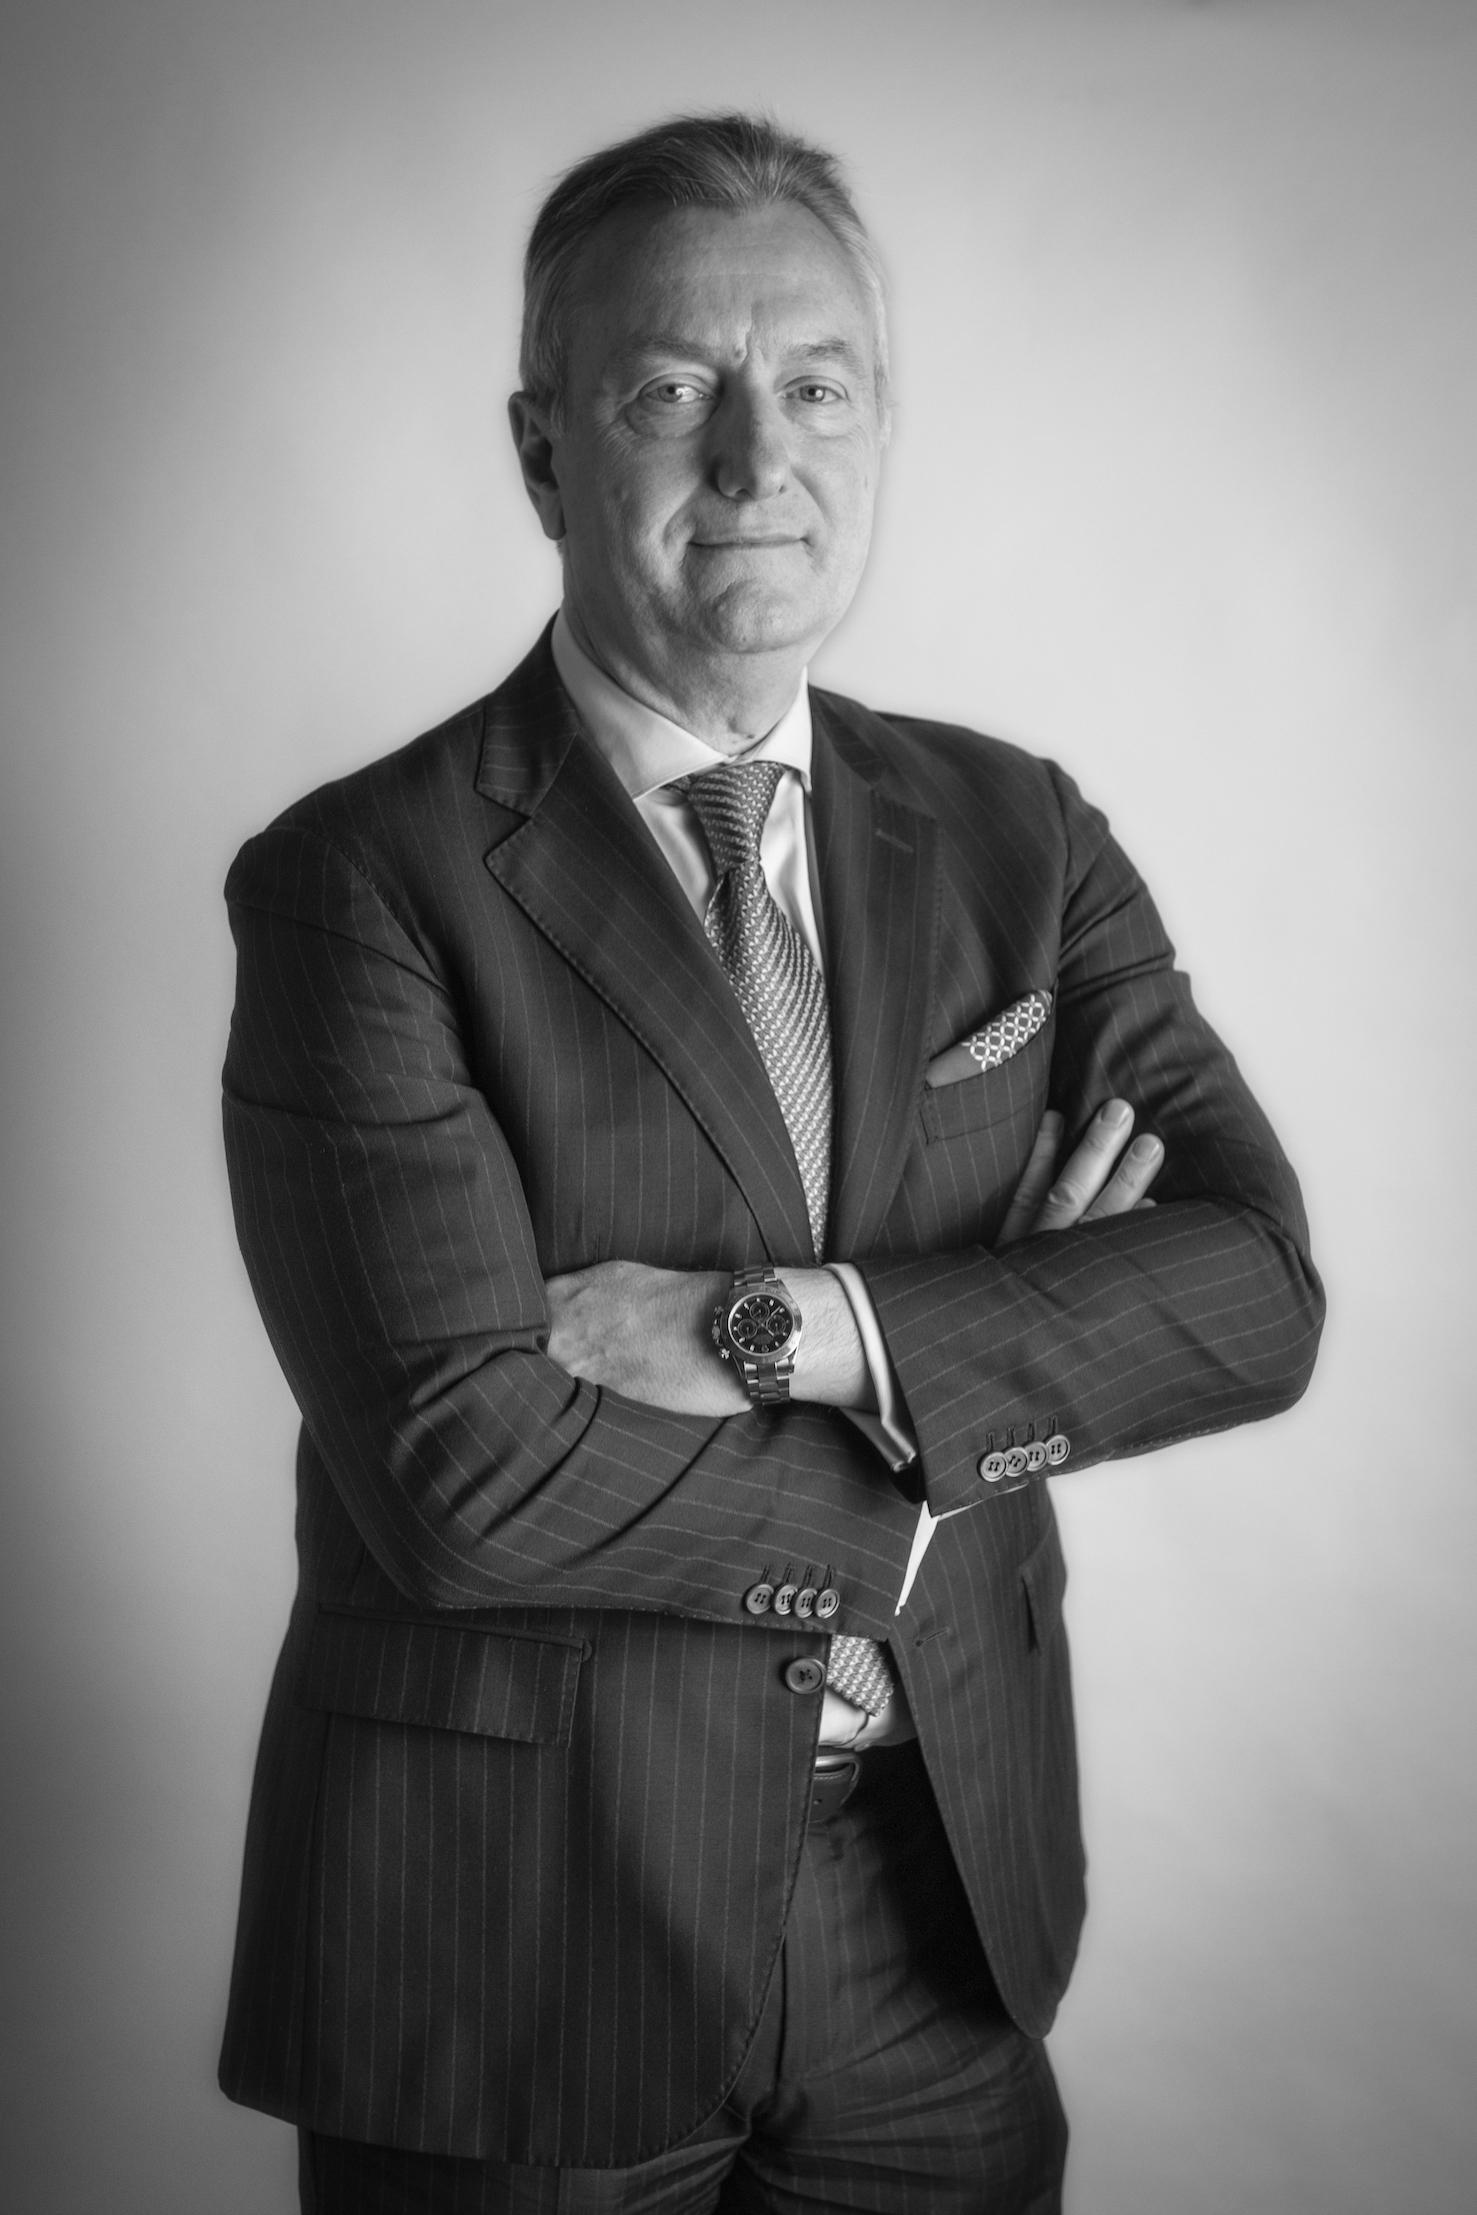 Gestione del SuperEcoBonus, nessun problema per i Ferroli Partners grazie alle due piattaforme esclusive